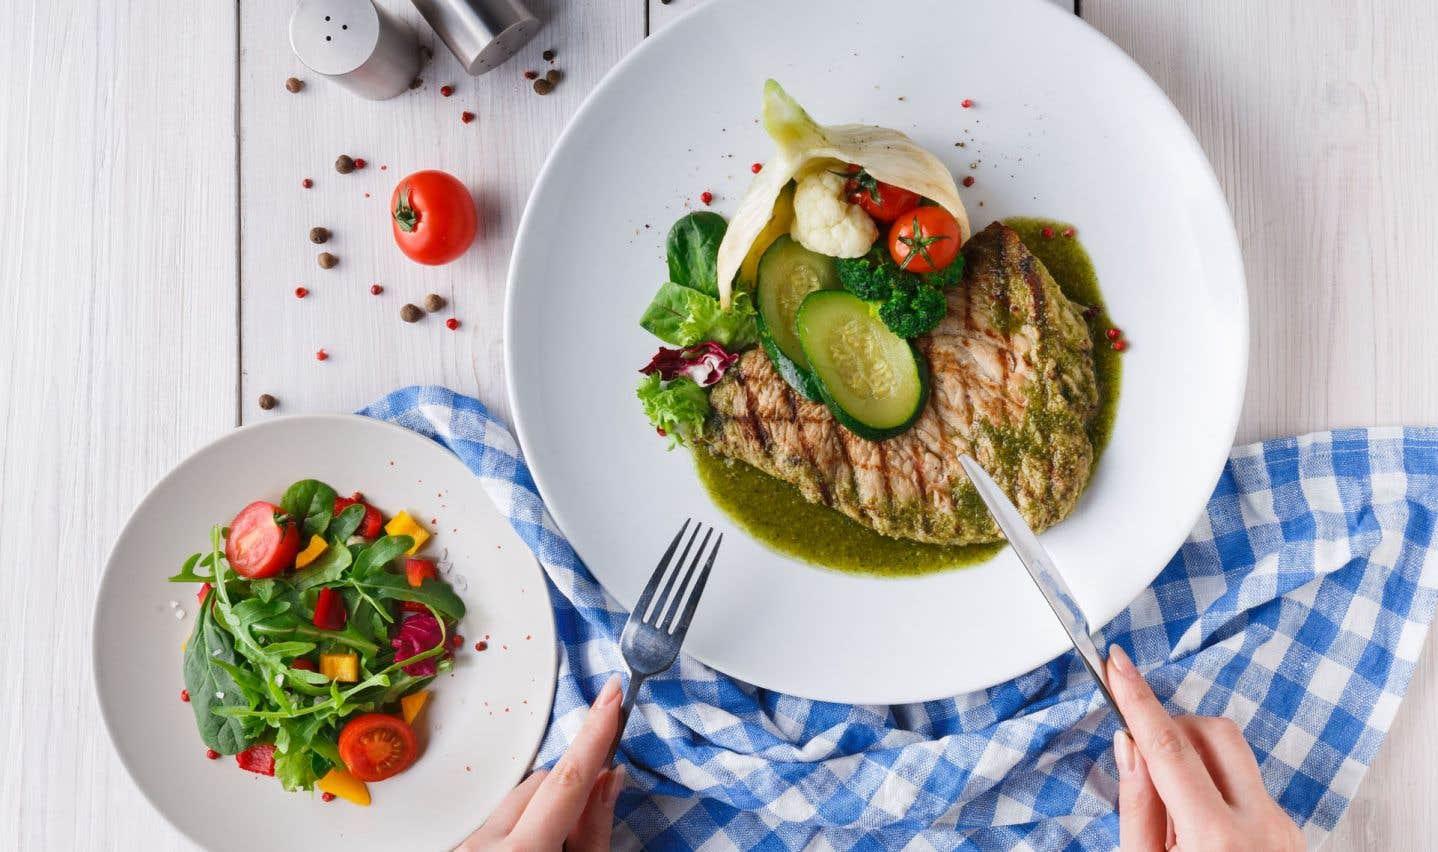 Dans l'assiette d'un adepte du régime cétogène, pas d'aliments transformés ni sucrés: des légumes verts, des poissons gras, des viandes et volailles, des œufs, des noix, des huiles végétales, du beurre, du fromage et du yogourt entiers.